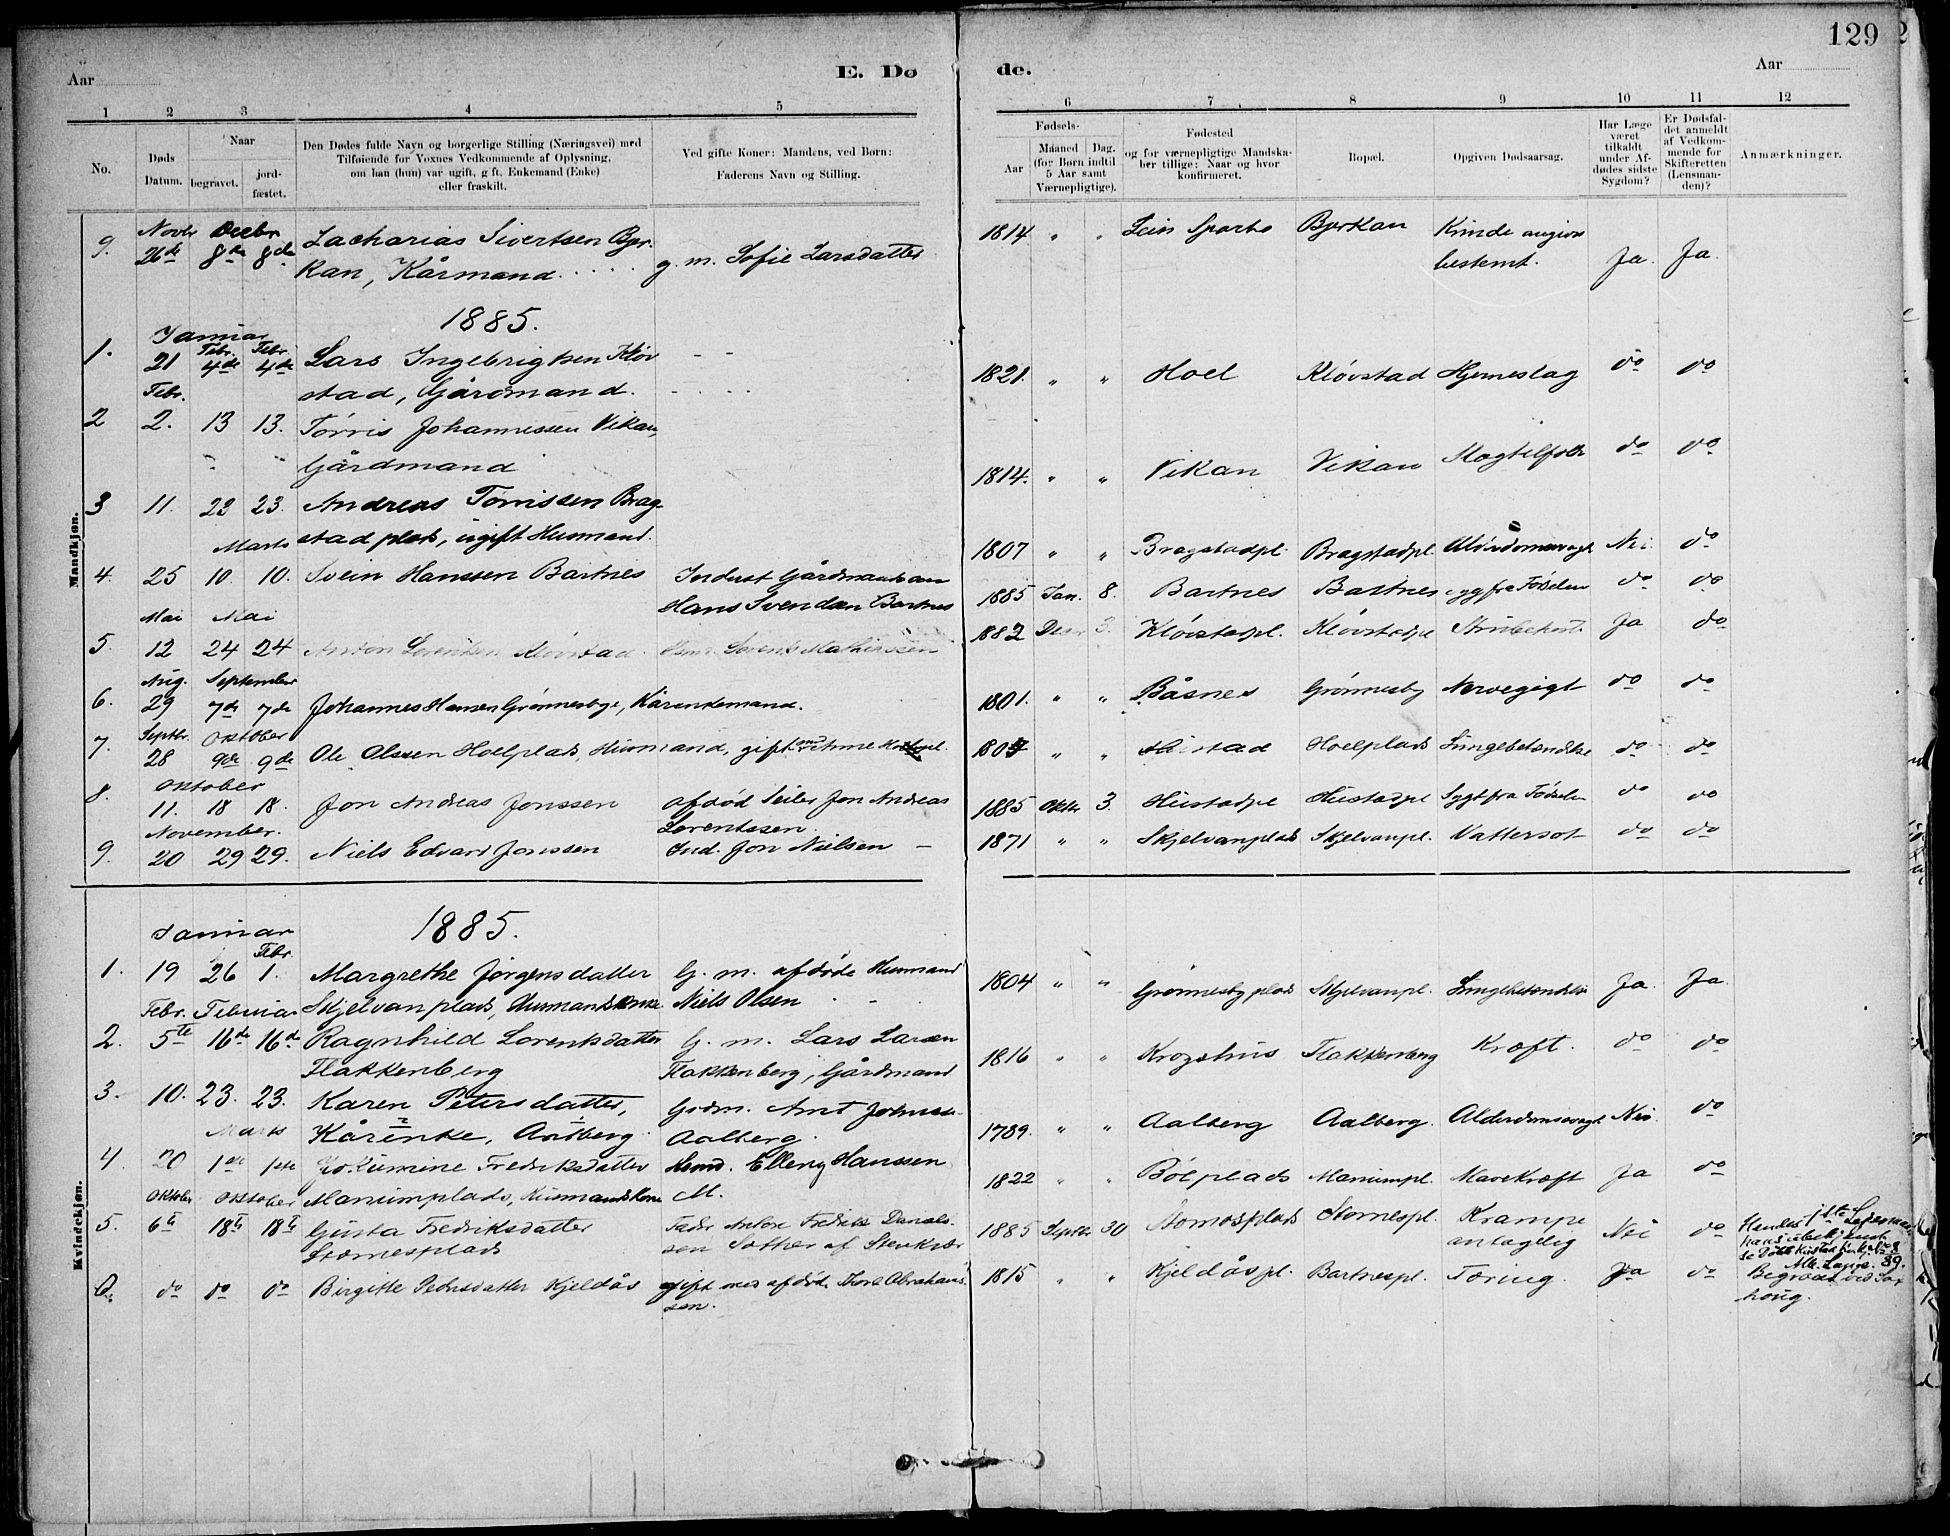 SAT, Ministerialprotokoller, klokkerbøker og fødselsregistre - Nord-Trøndelag, 732/L0316: Ministerialbok nr. 732A01, 1879-1921, s. 129